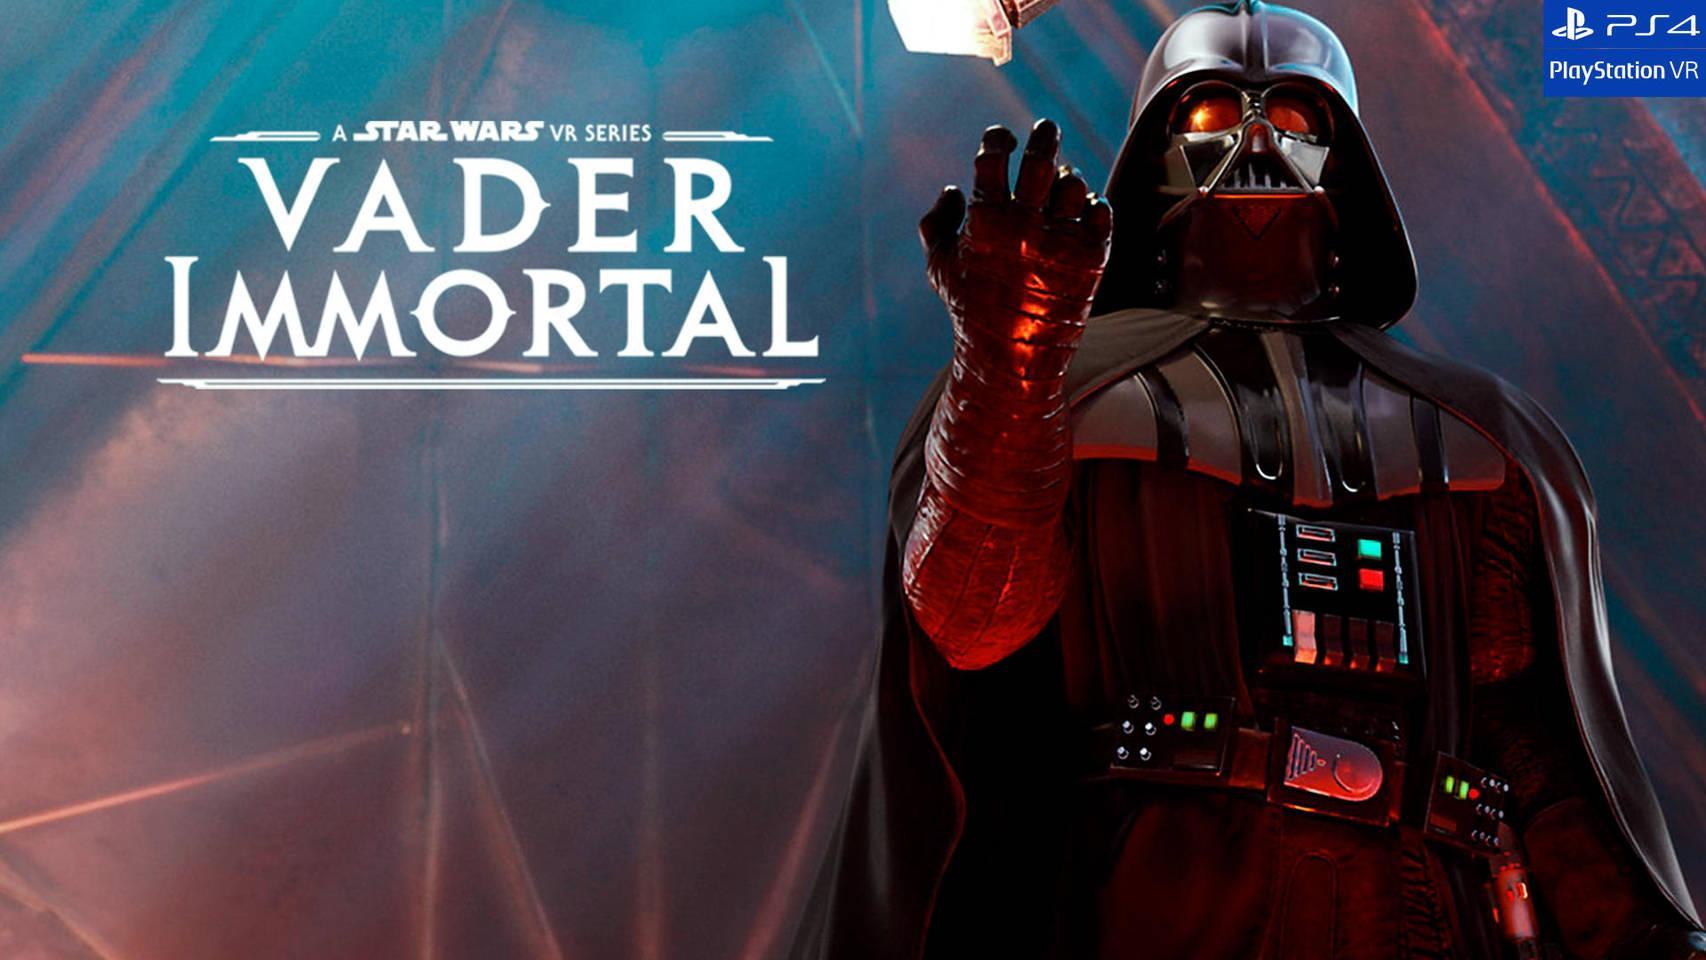 Vader Immortal: A Star Wars VR llega a PlayStation